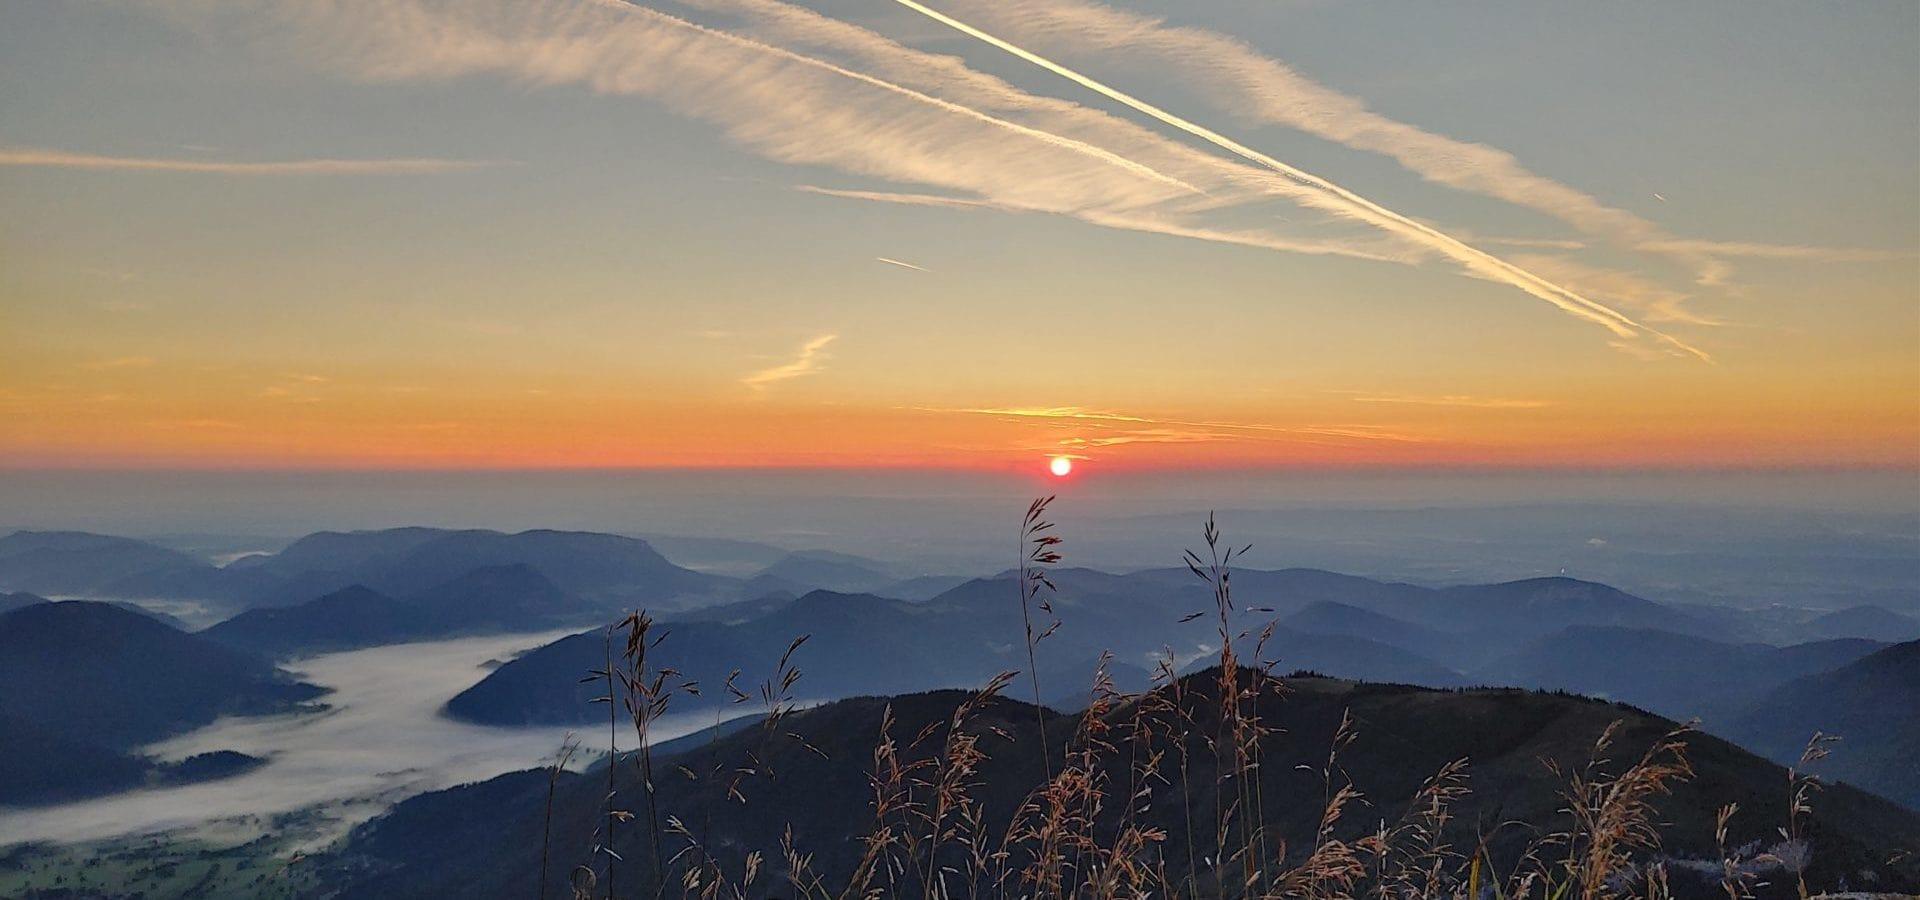 Sonnenaufgang am Schneeberg. Foto von Lina.